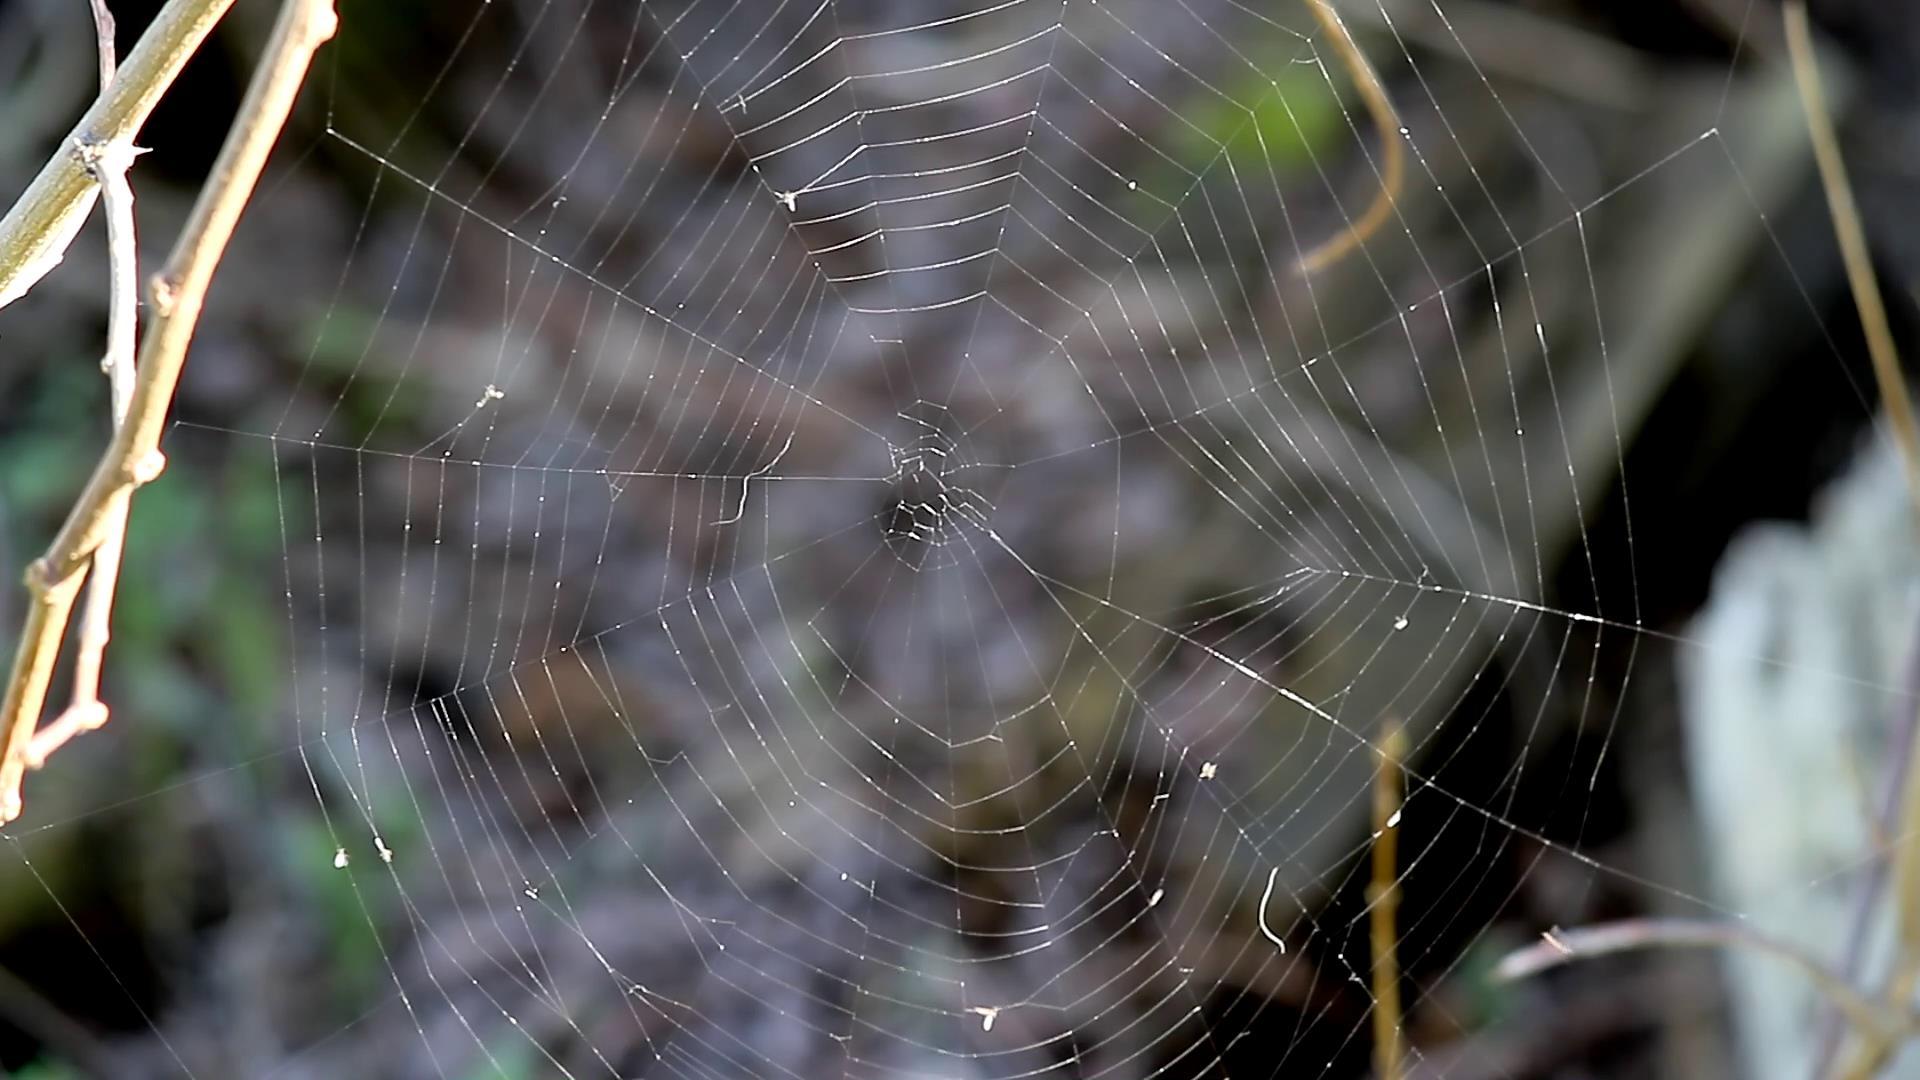 风中的蜘蛛网晃动视频高清实拍